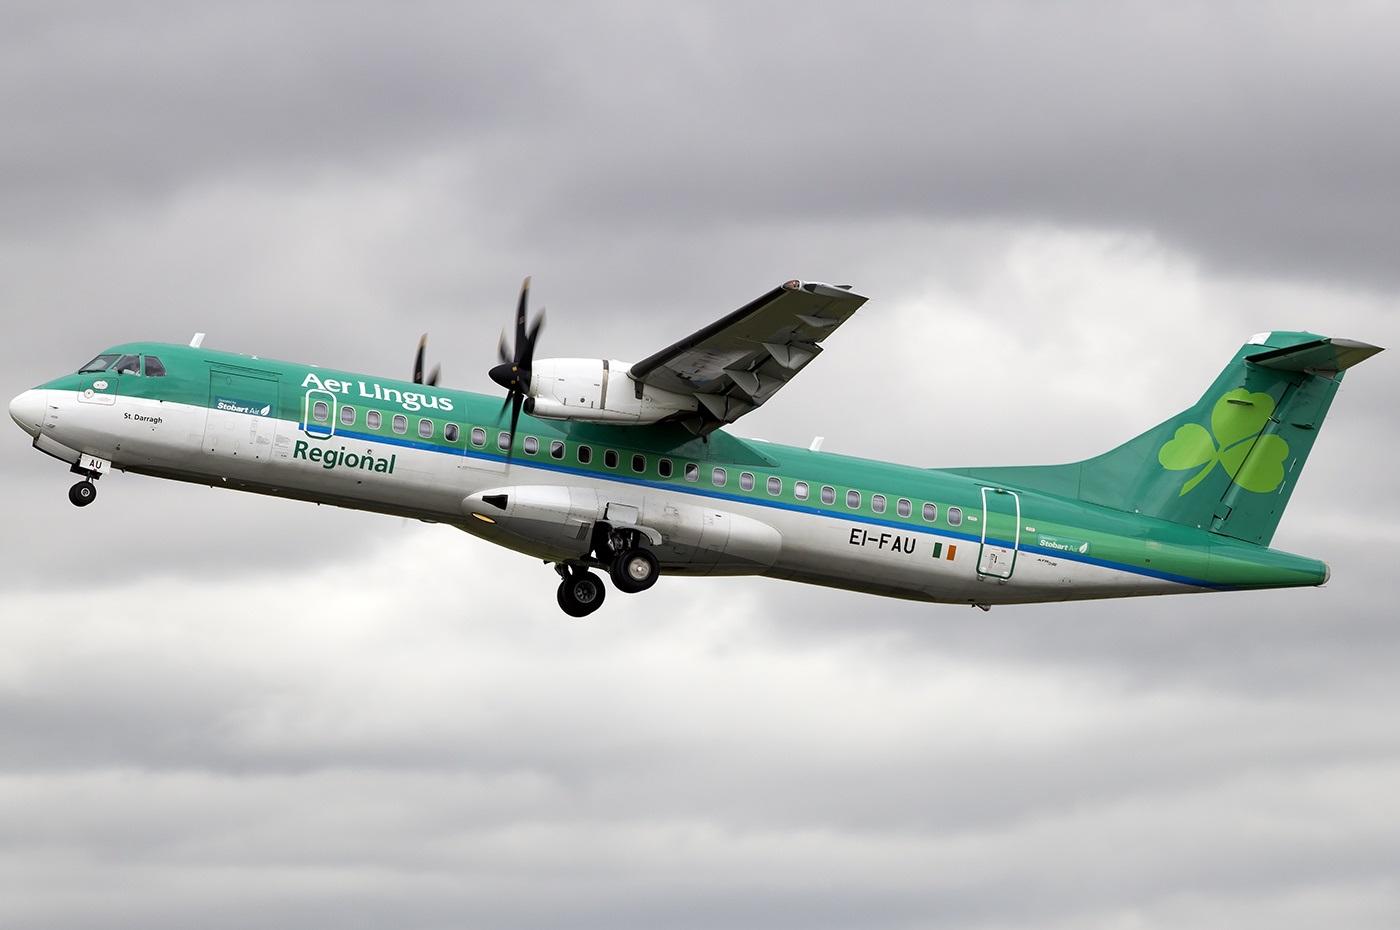 ATR-72 авиакомпании Aer Lingus Regional